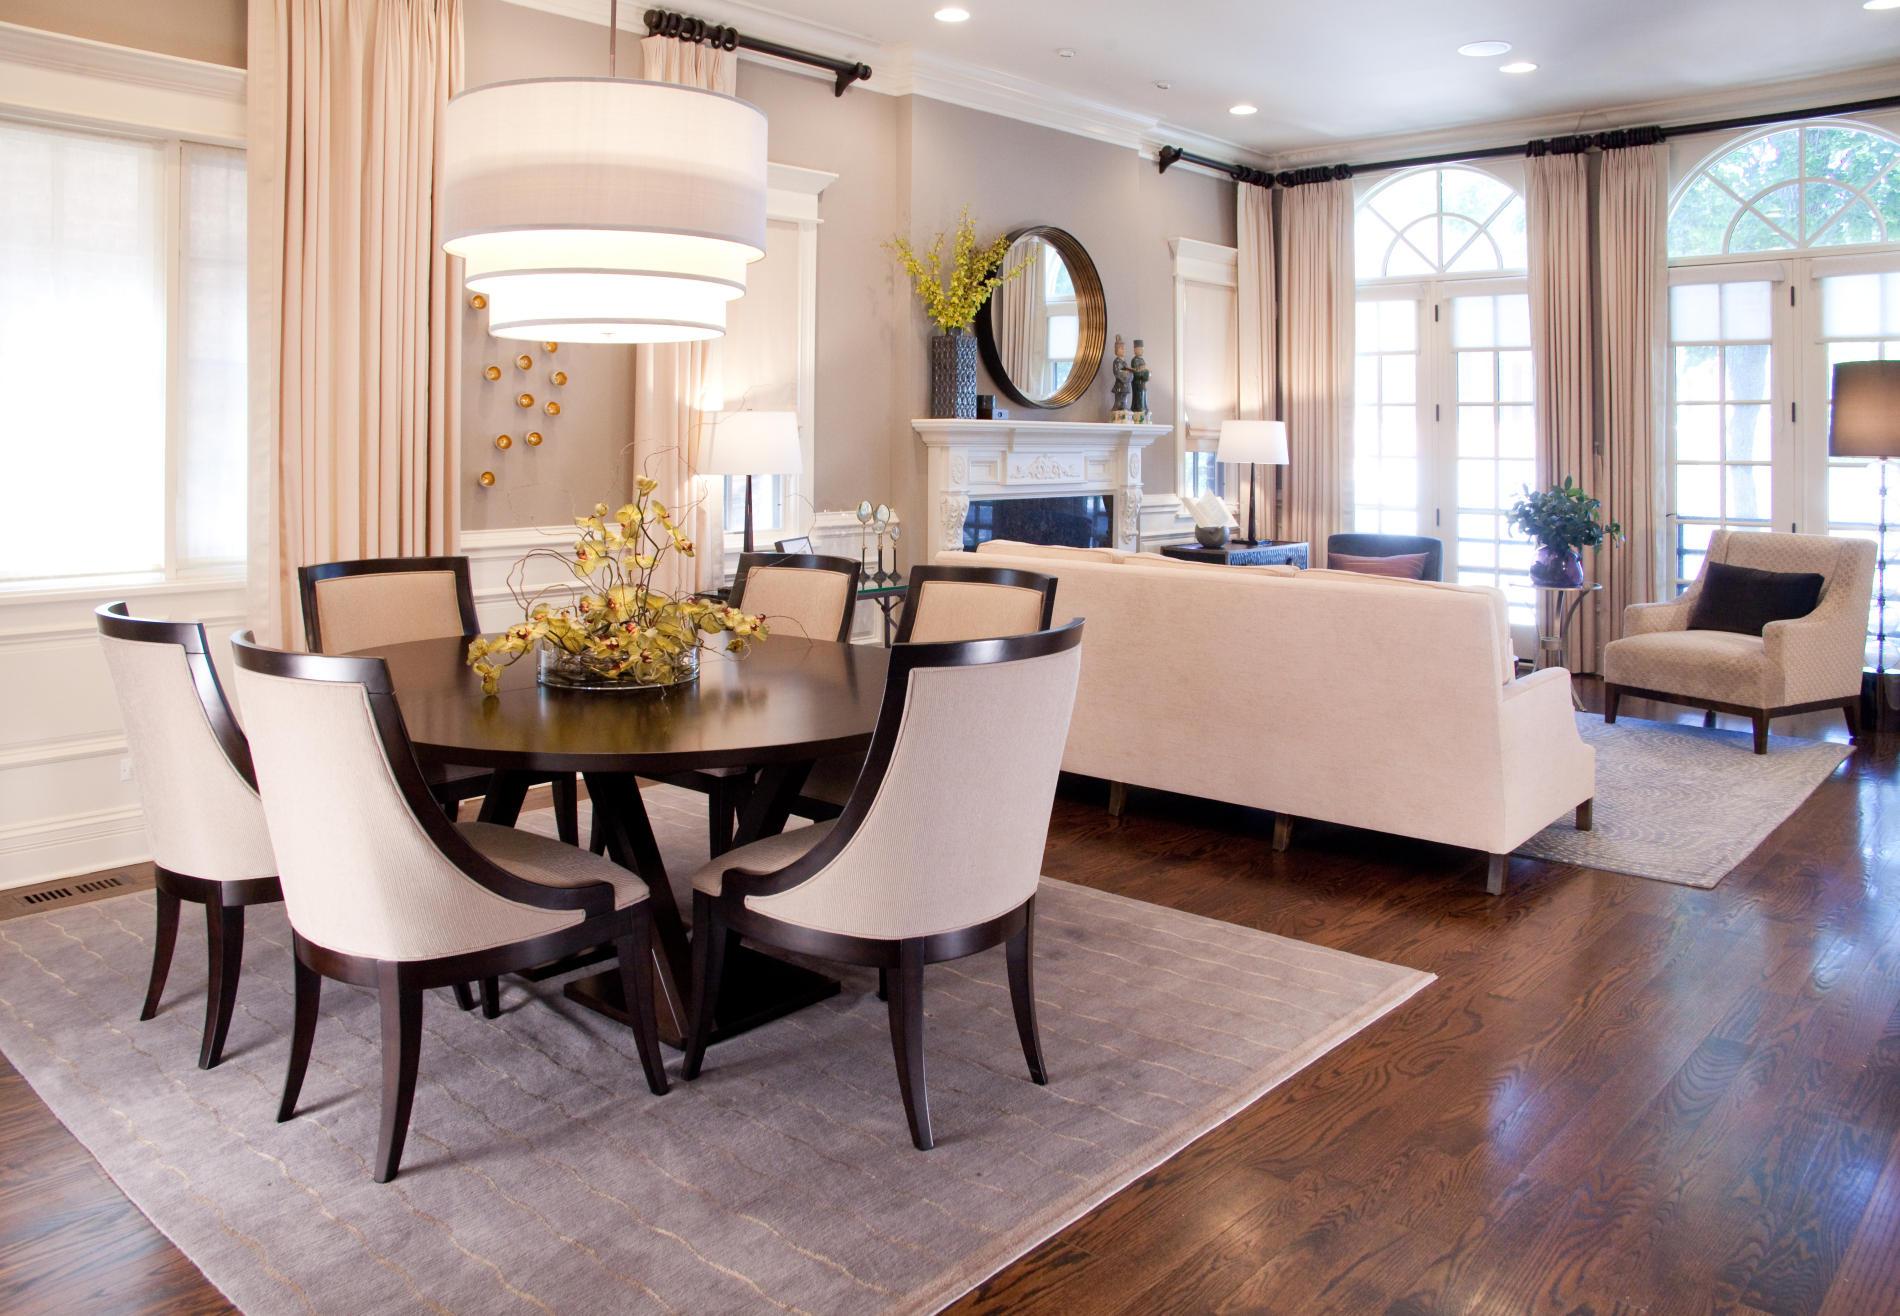 Furnished Room Designs